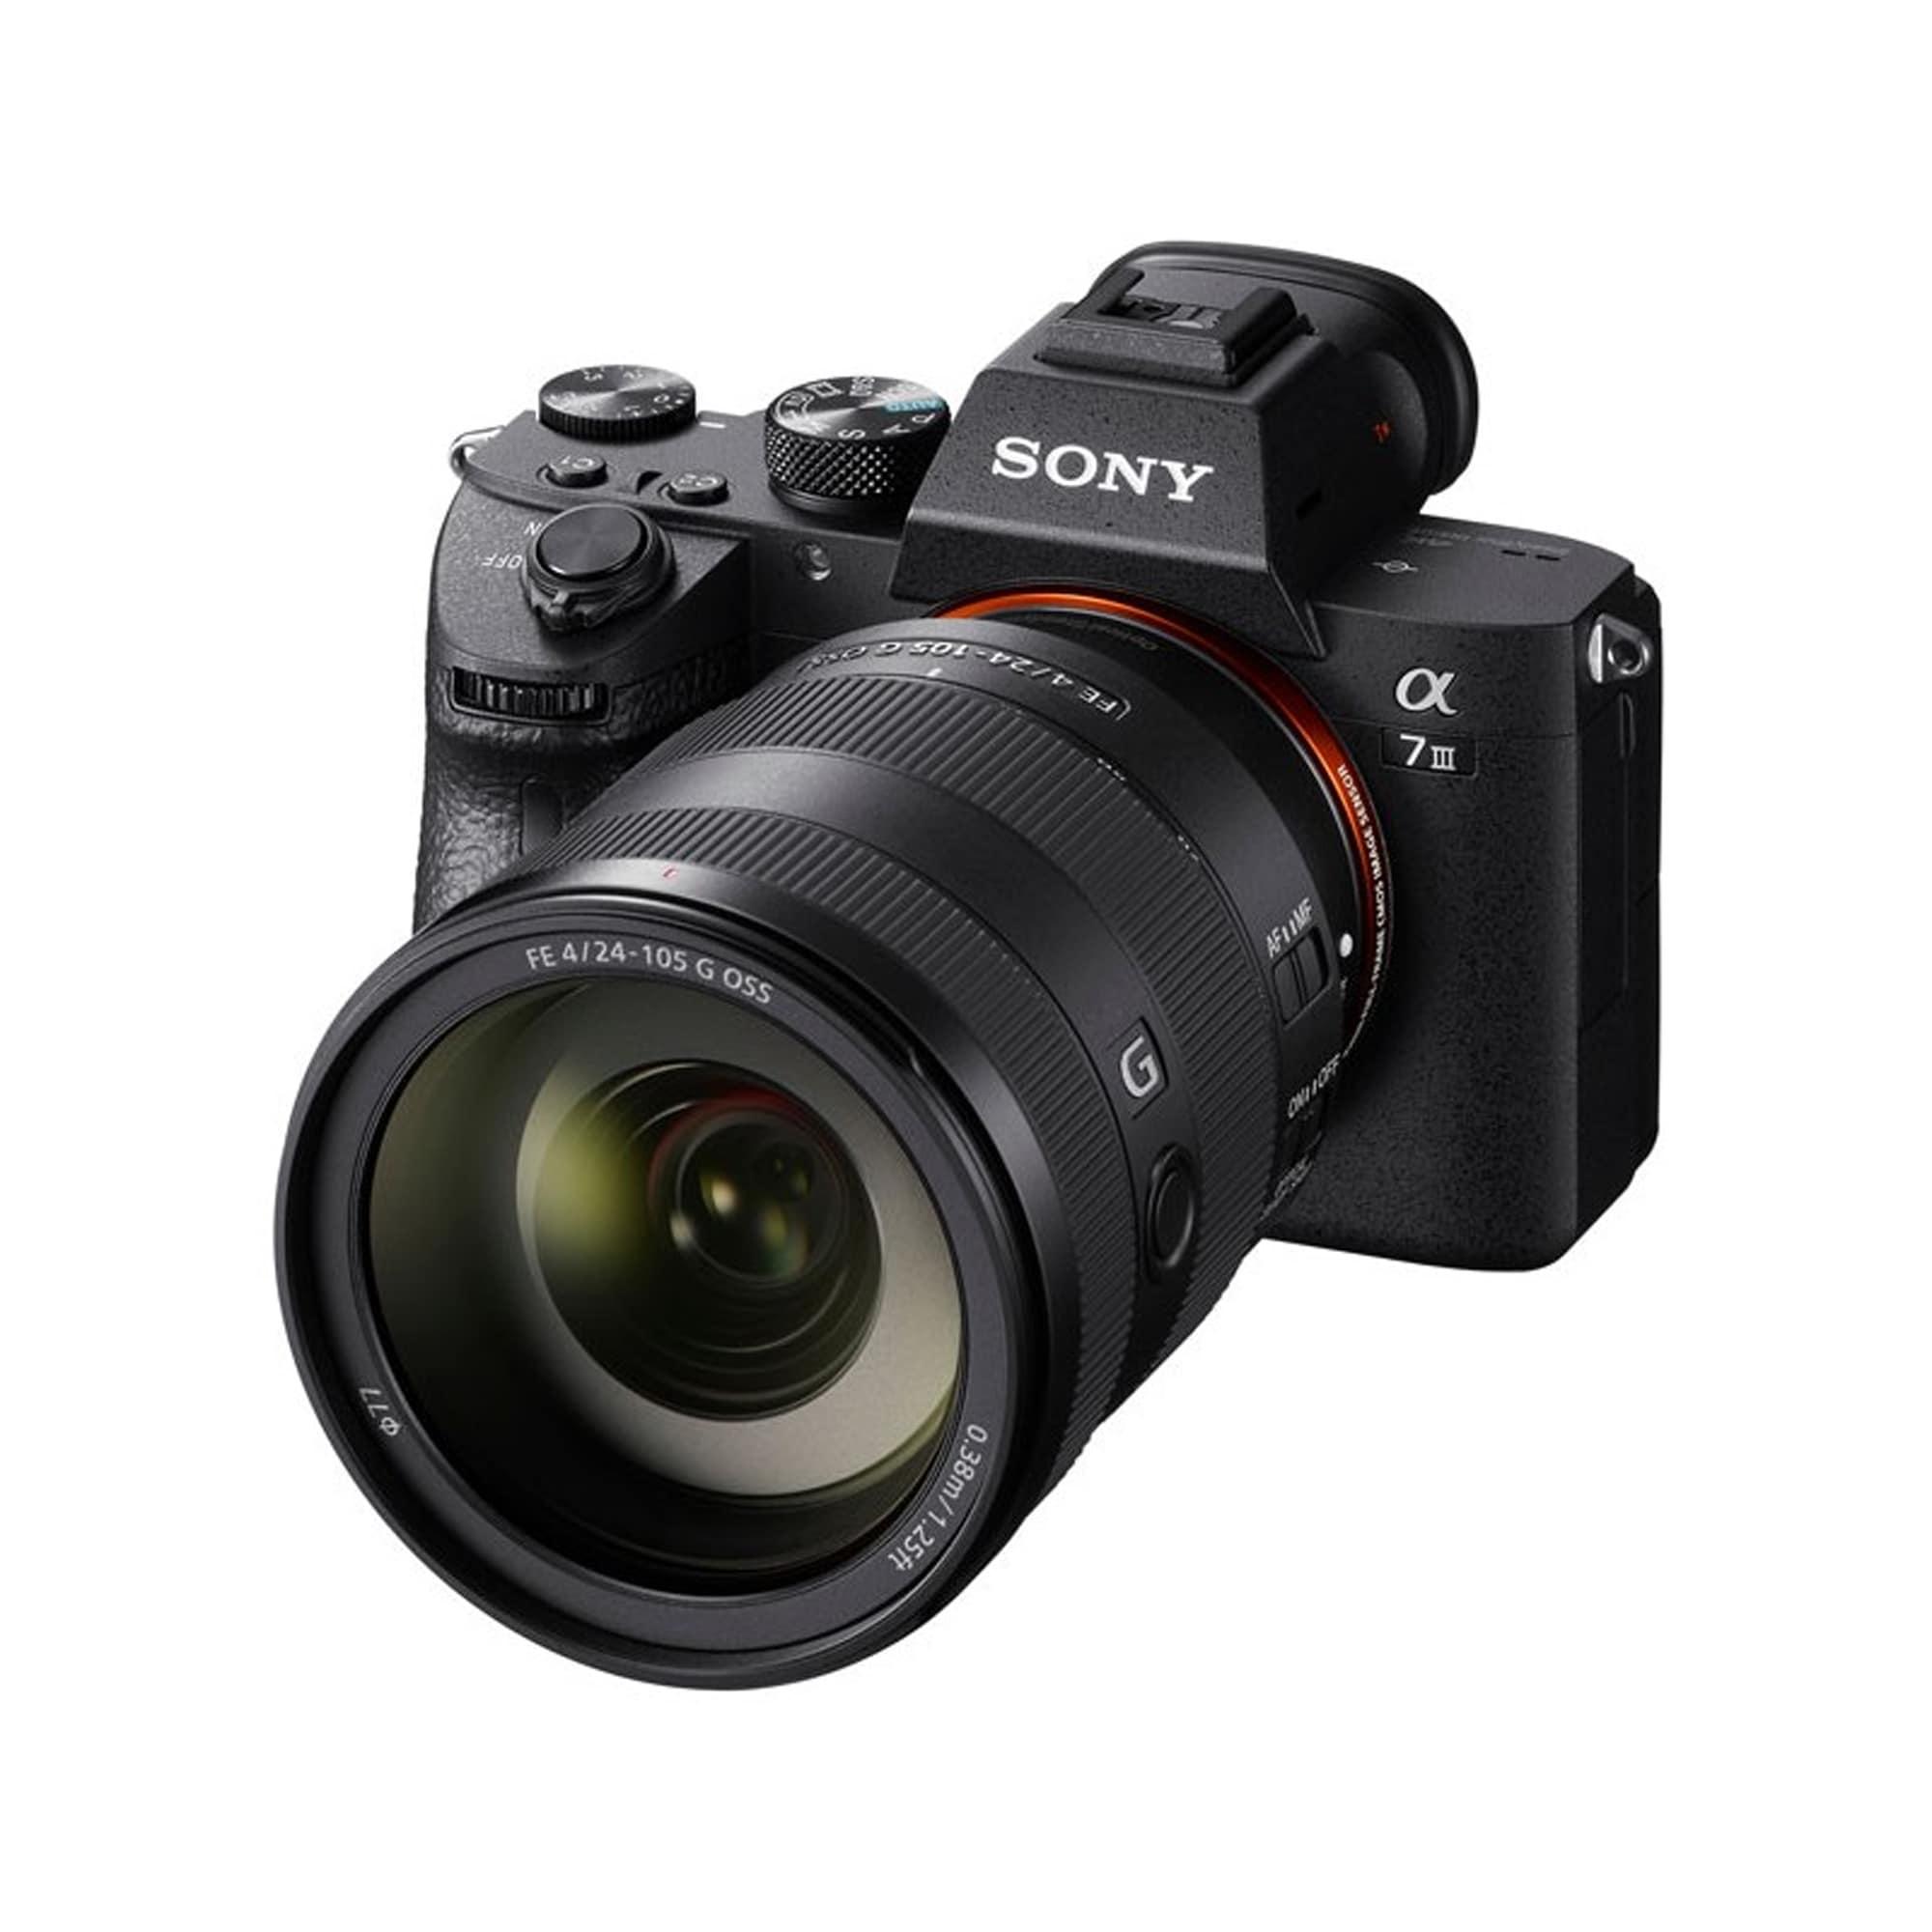 Sony A7 III + 24-105mm